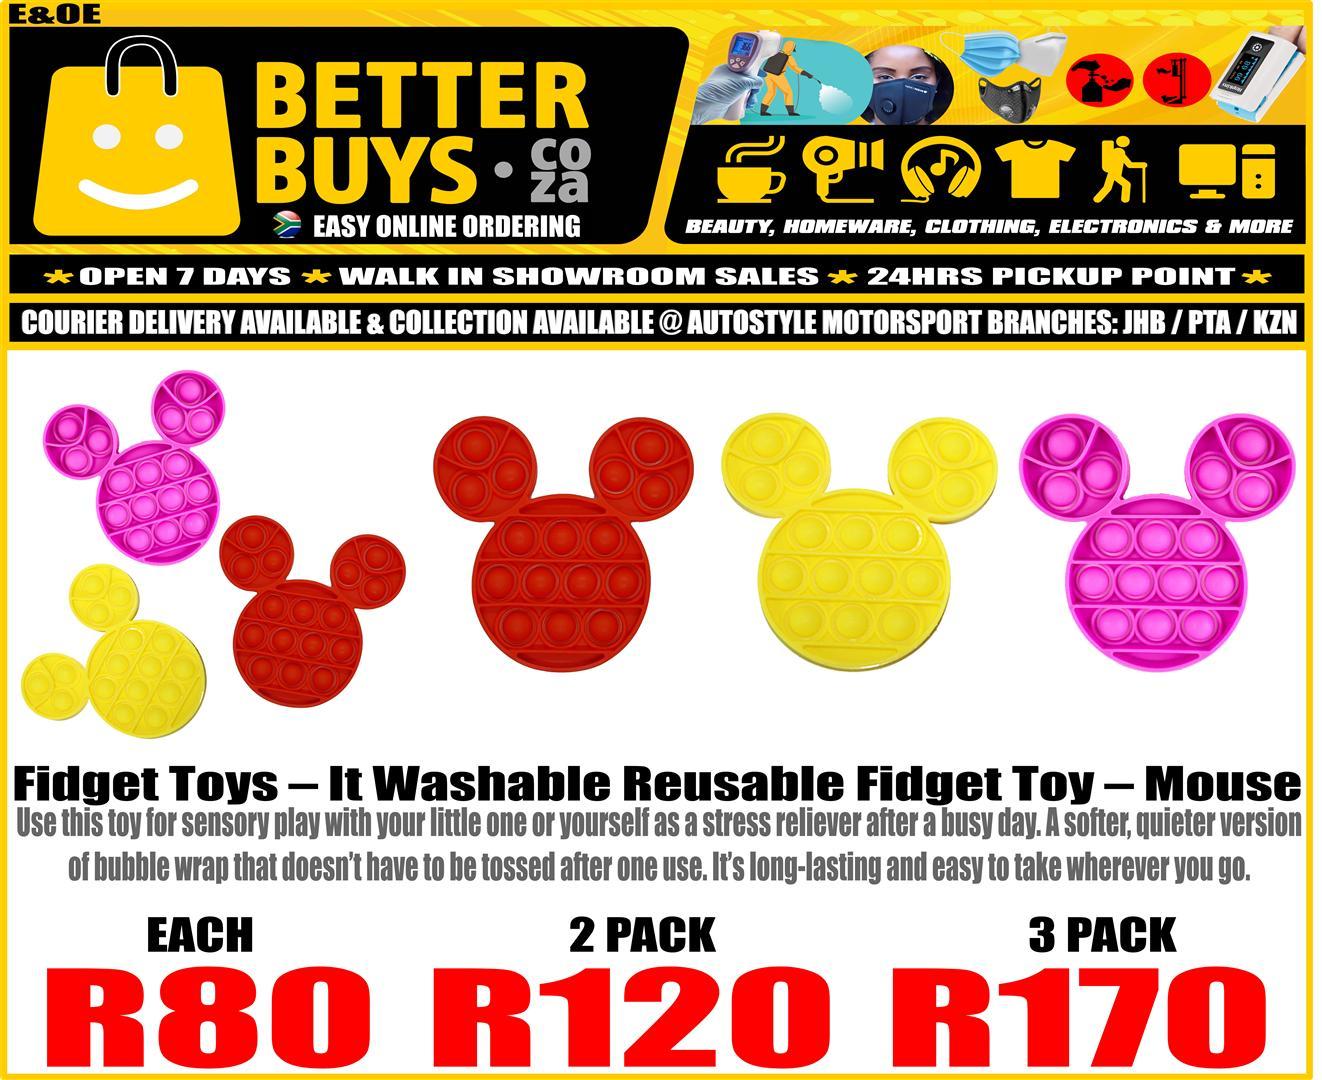 Fidget Toys – Pop It Washable Reusable Fidget Toy – Square